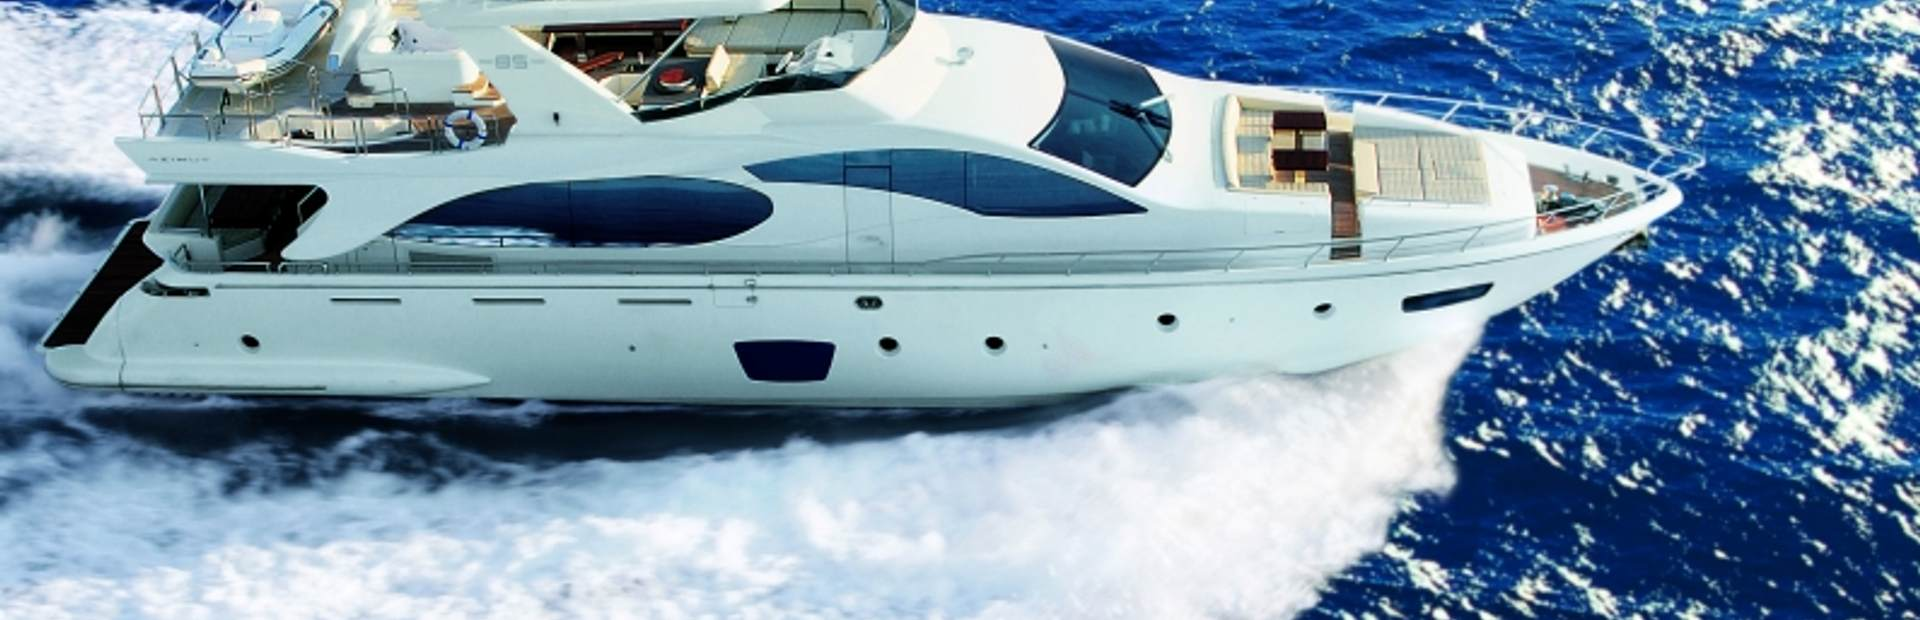 Azimut 85 Yacht Charter